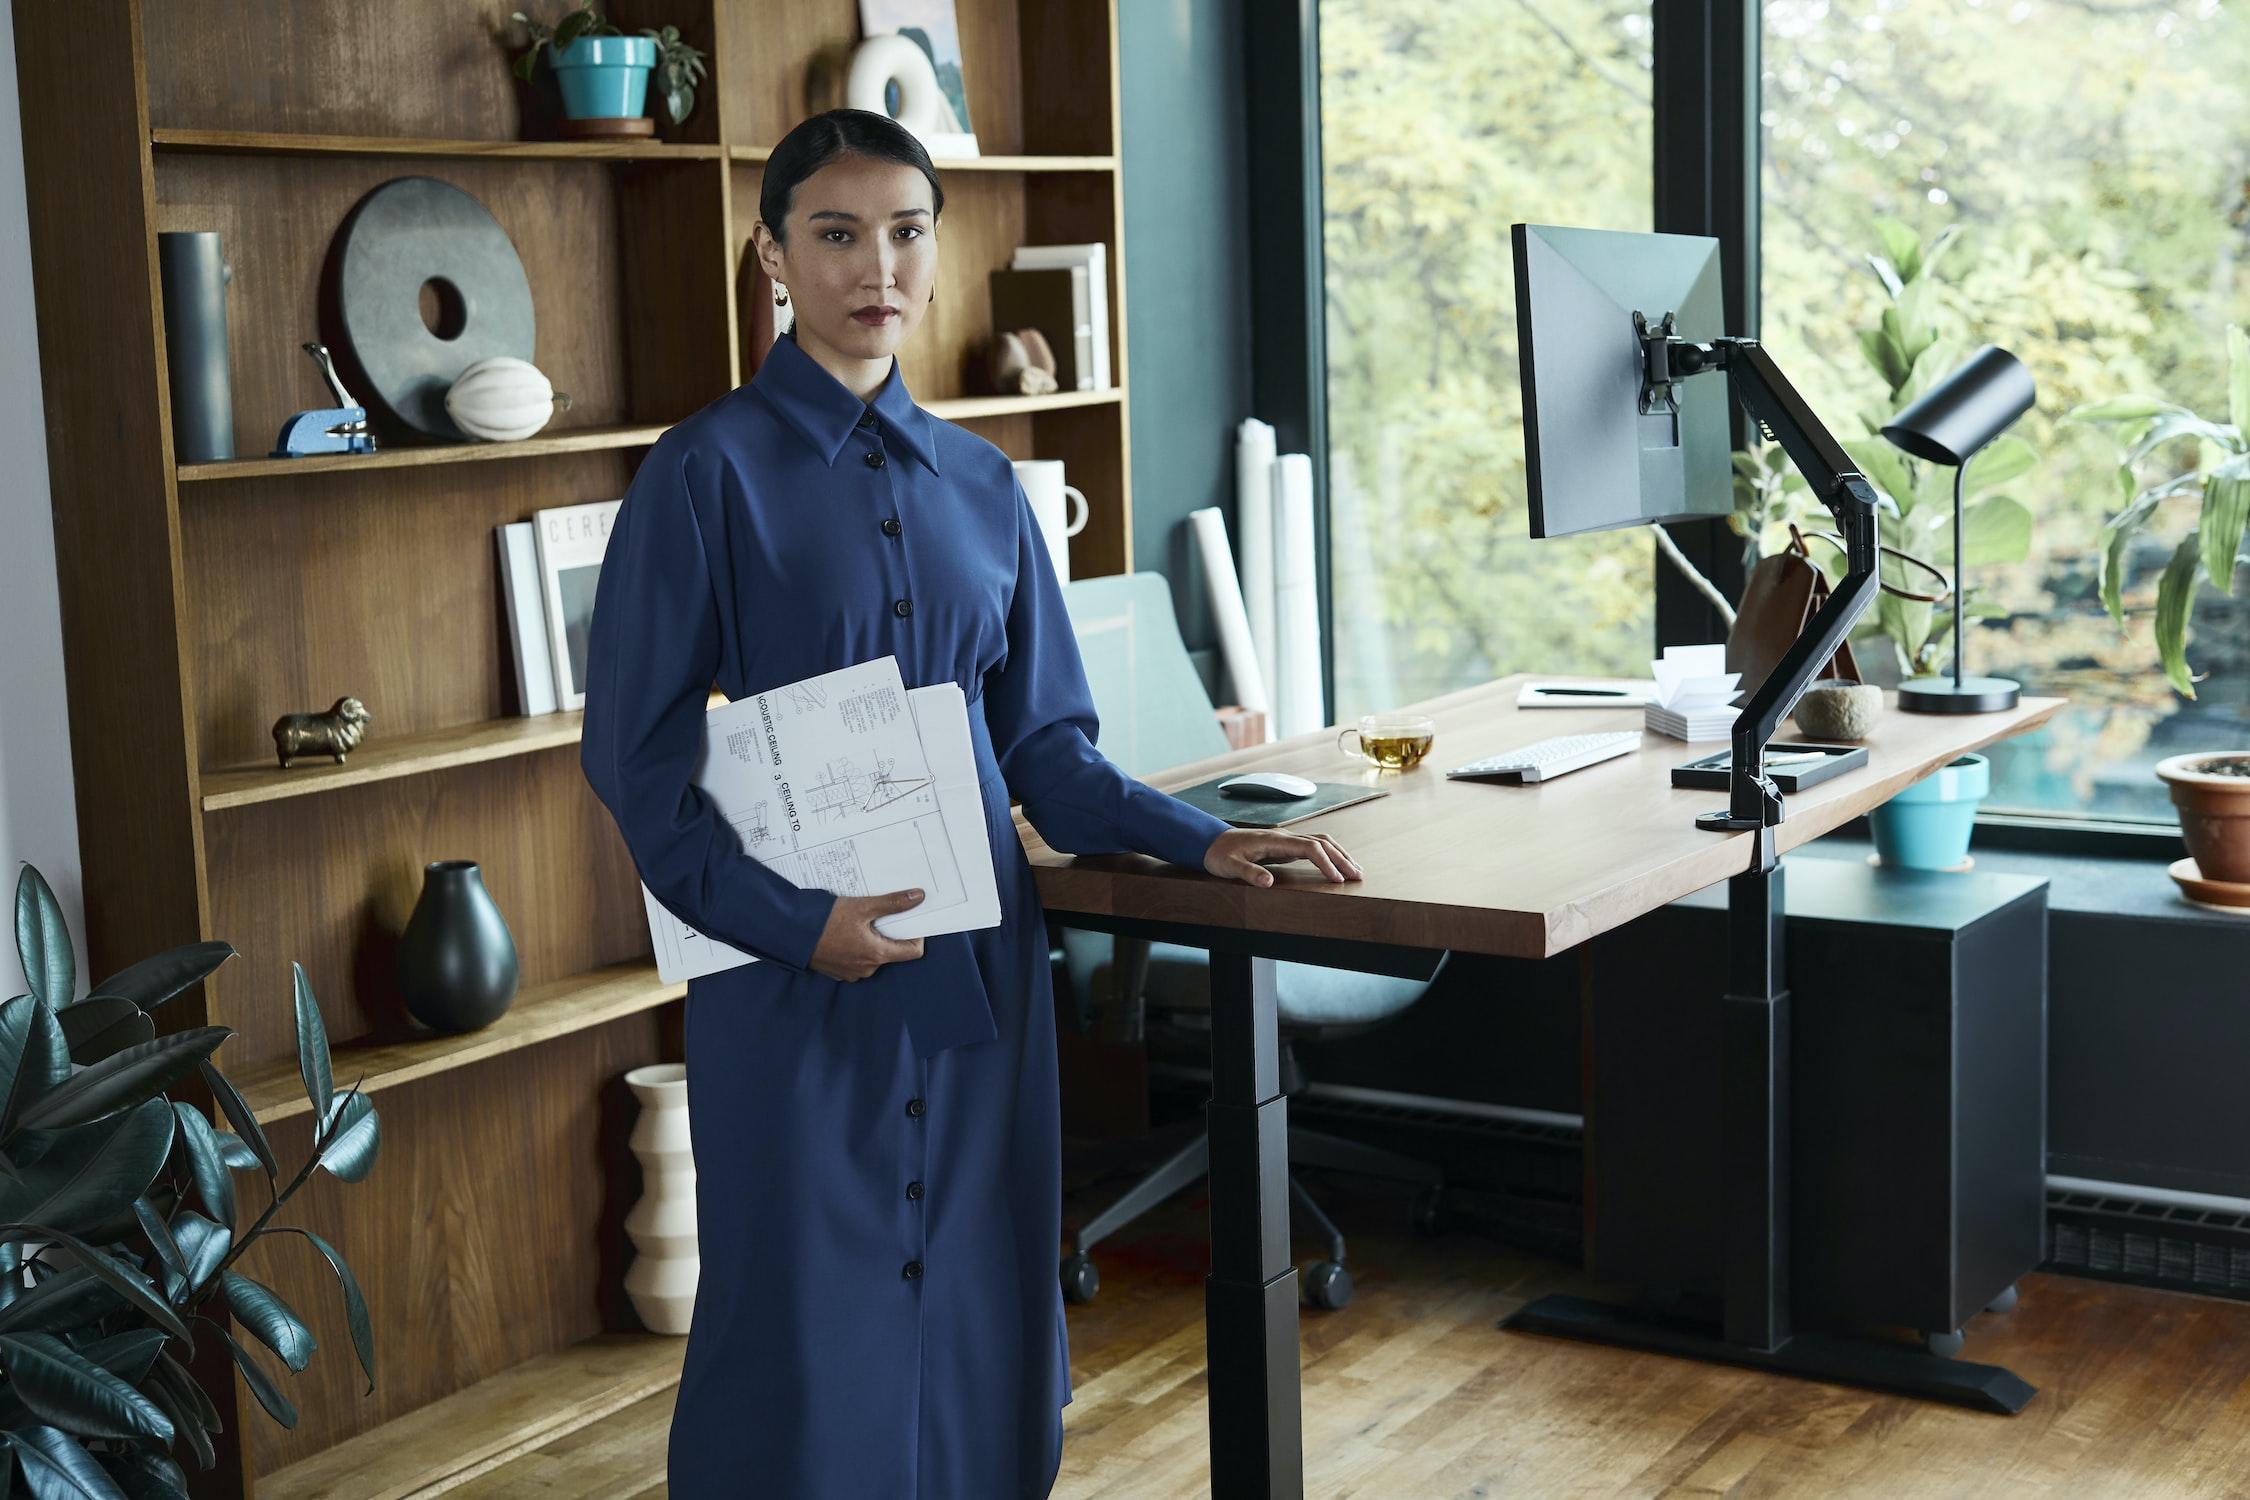 ยืนทำงานลดพุง ได้จริงหรือ อันตรายจากการยืนทำงาน 2564